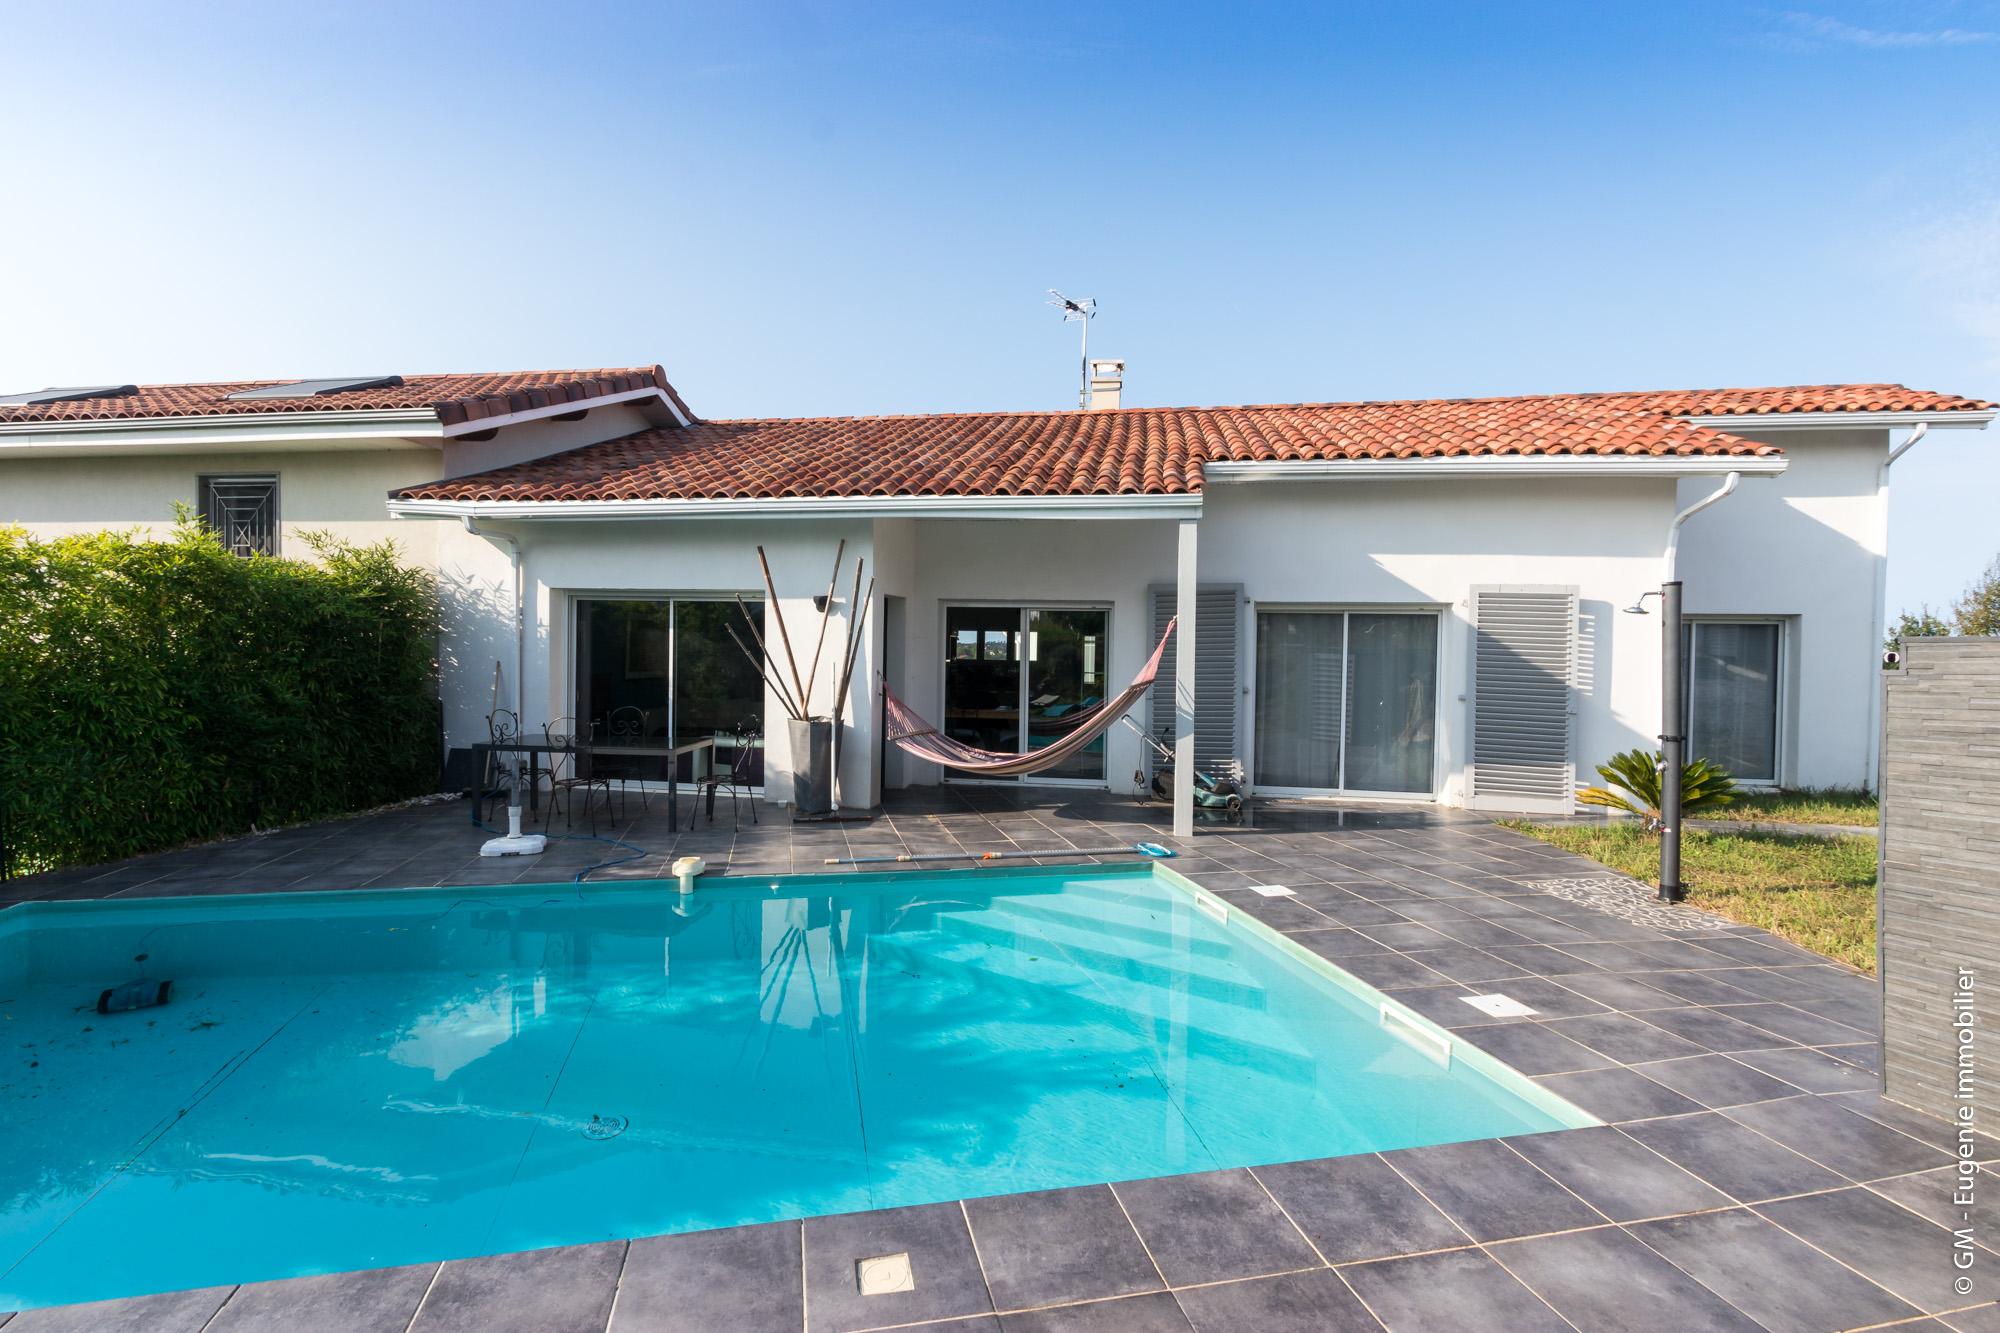 Maison de plain pied au Calme 110m² T4 + Piscine et Jardin 500m²